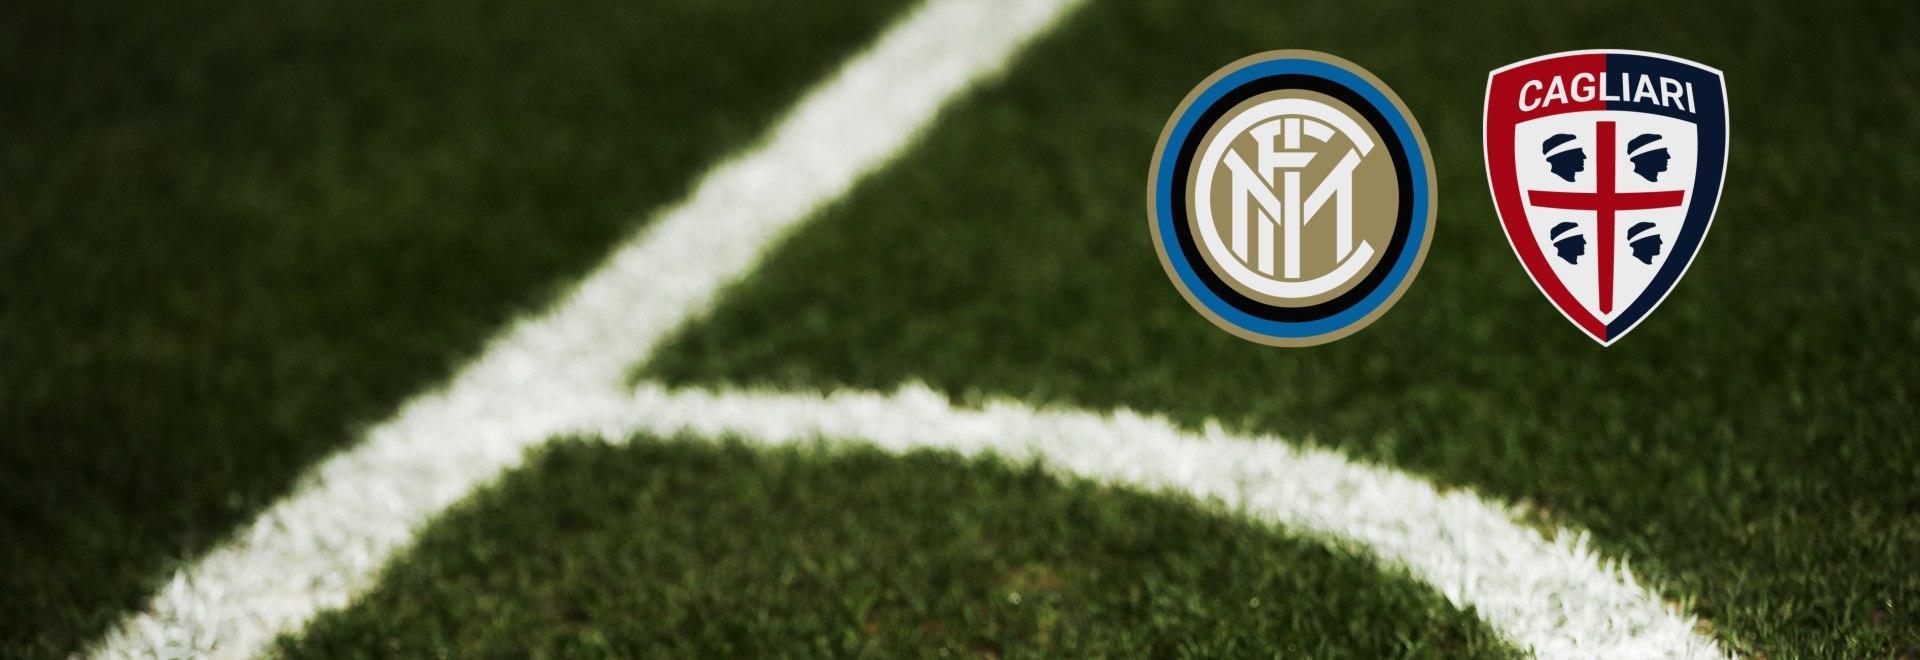 Inter - Cagliari. 30a g.